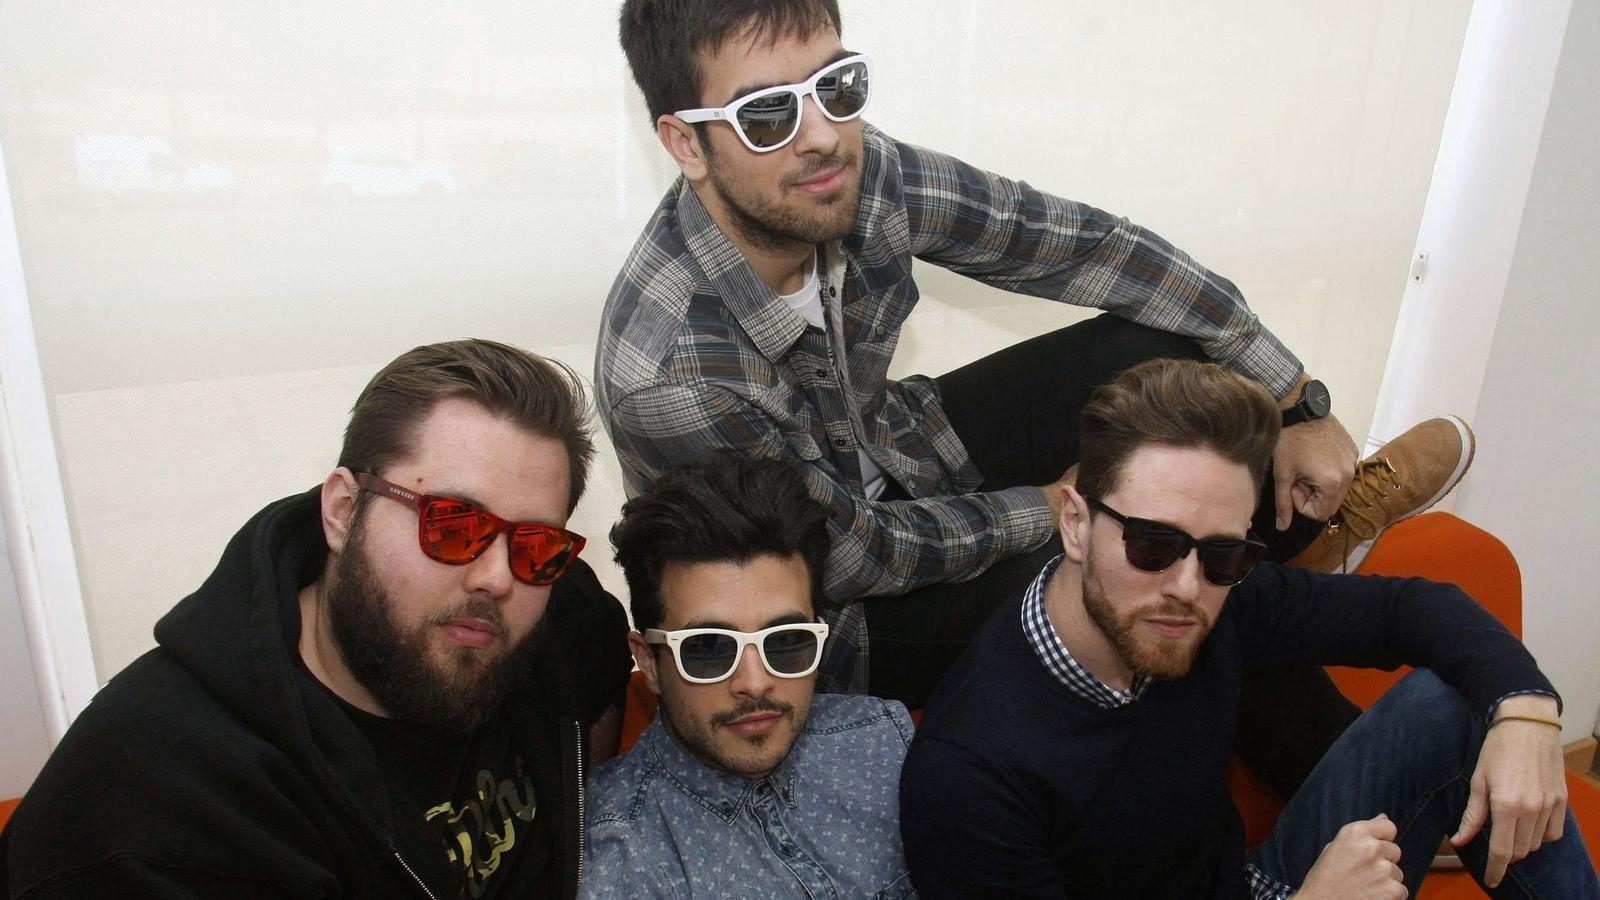 ef031c9df3 Hawkers: estos son los culpables de que uses las gafas de sol que llevas. El  Confidencial